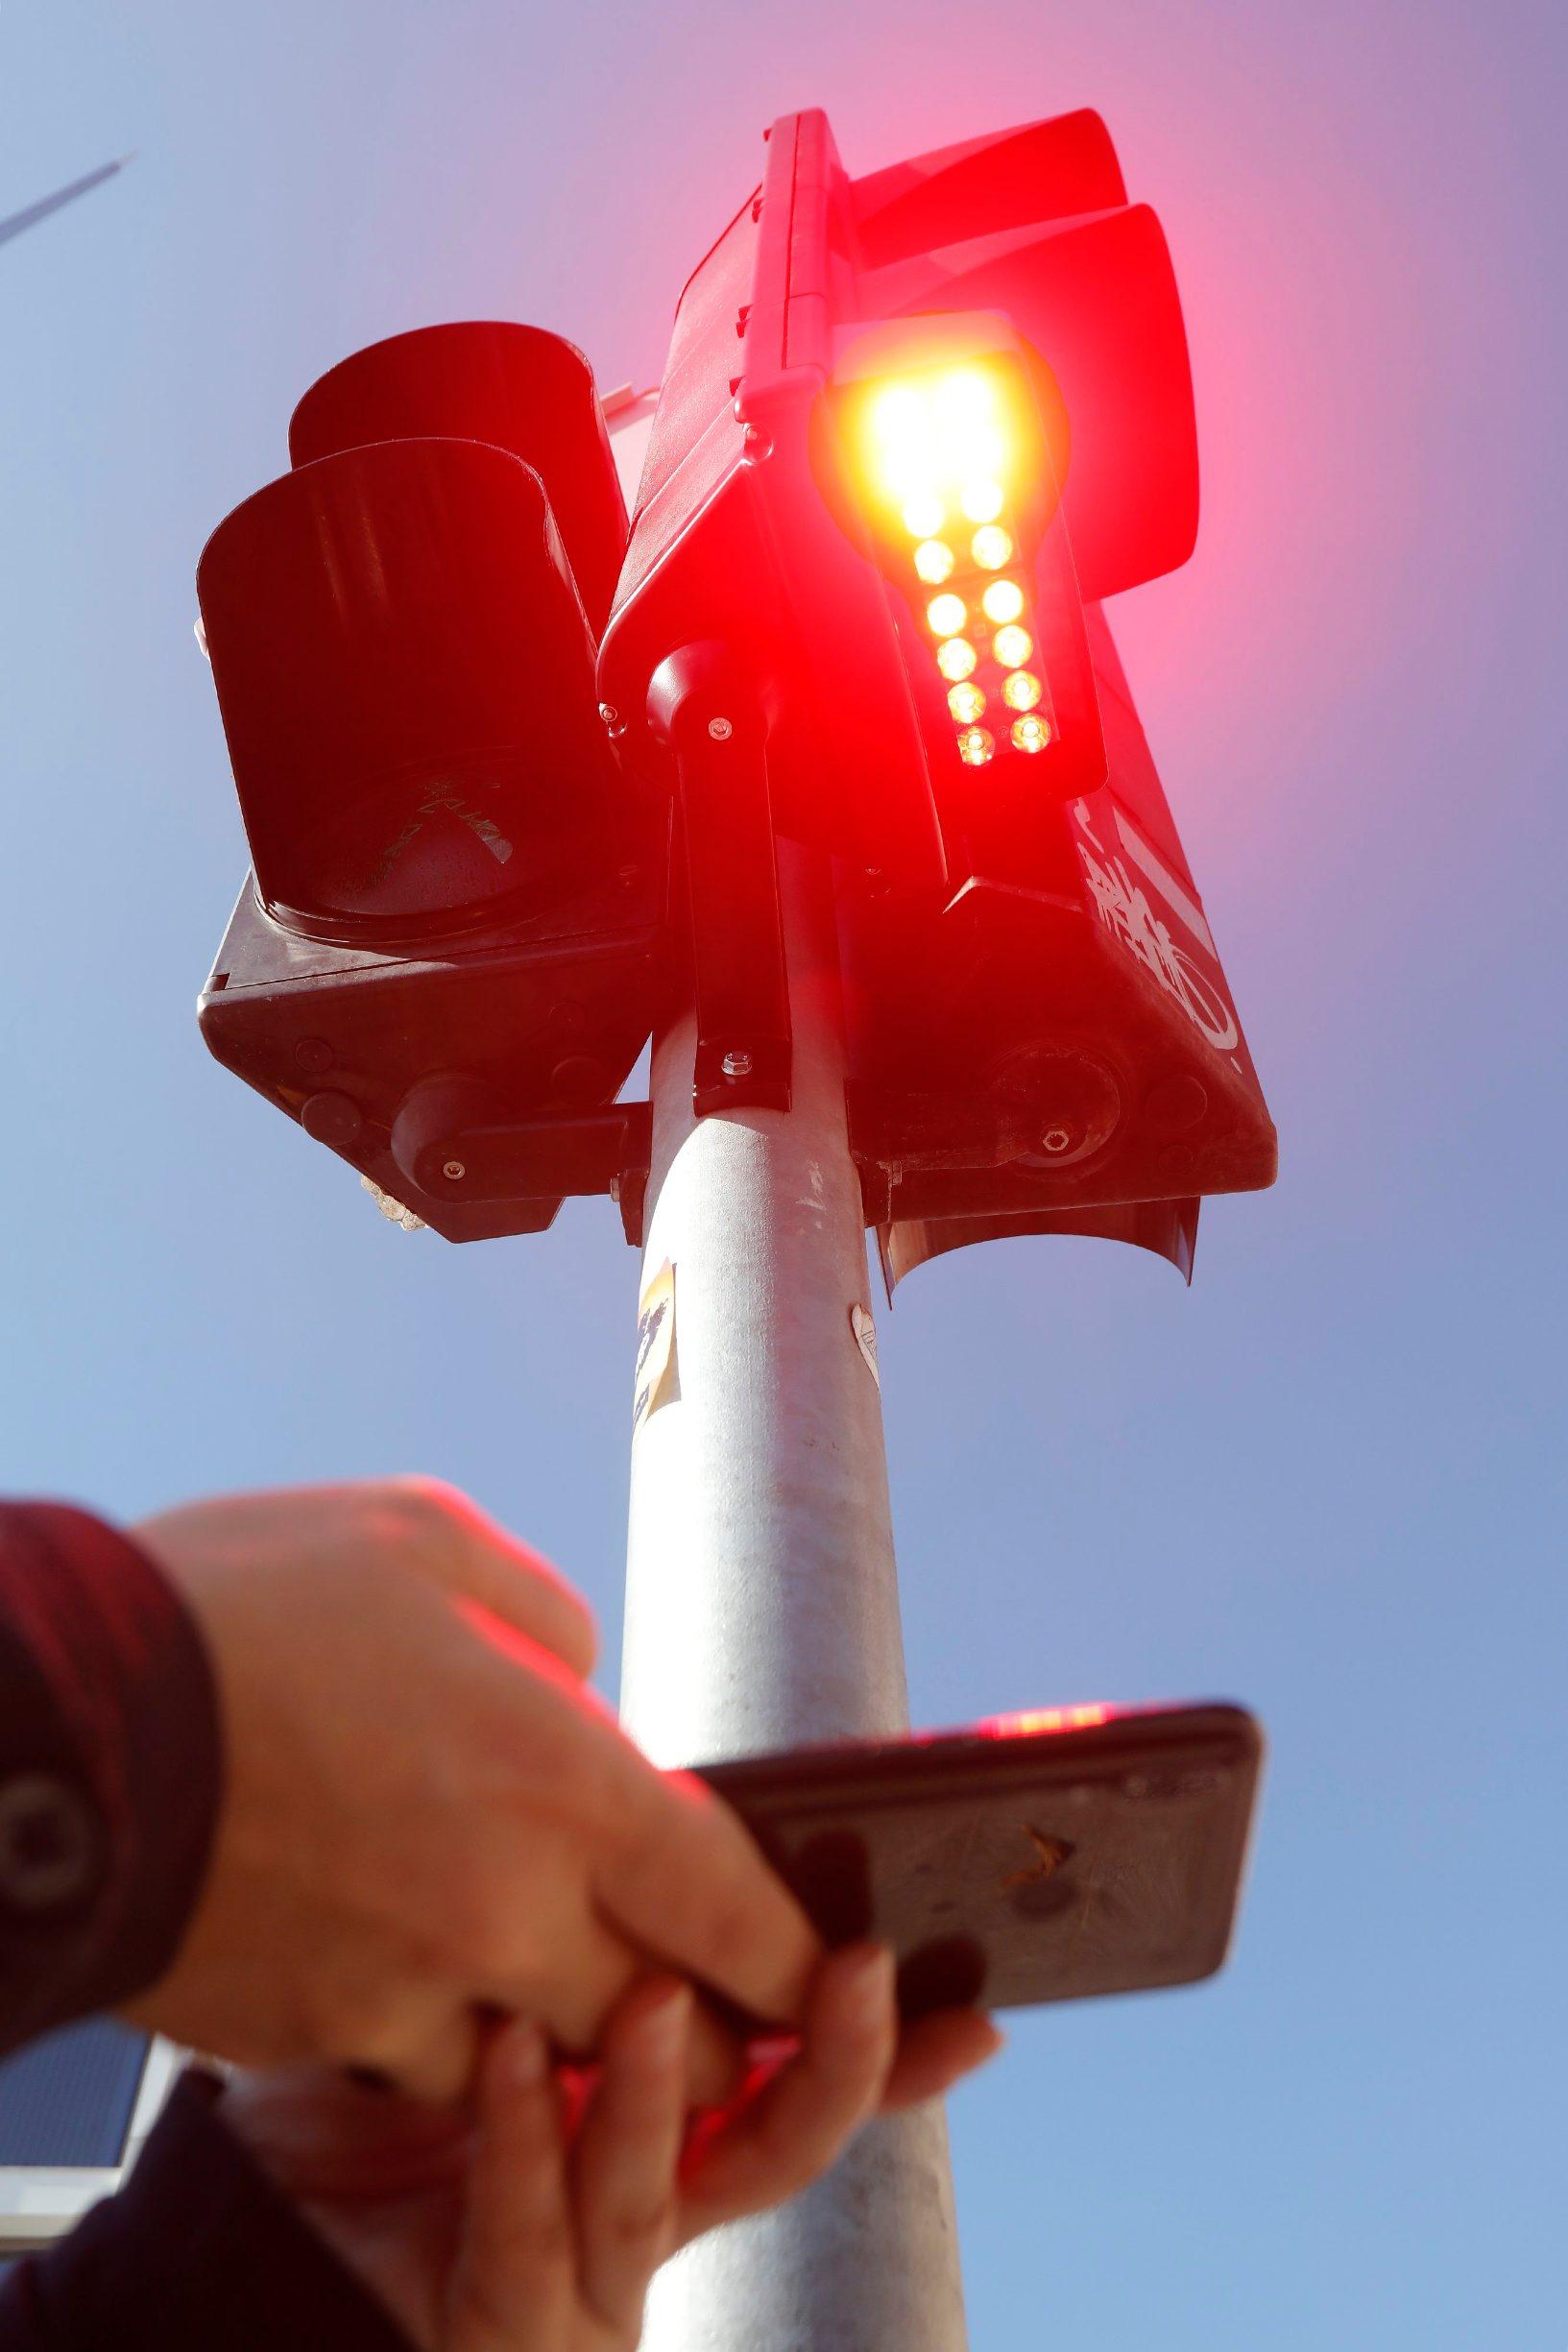 Zagreb, 121019. Na krizanju Prilaza Gjure Dezelica i Frankopanske ulice postavljen je dodatni semafor za pjesake koji vise ne moraju podignuti pogled sa svog pametnog telefona prije prelaska ceste jer im je omogucena posebna svjetlosna signalizacija usmjerena prema podu. Na fotografiji: novi semafor za pjesake koji gledaju u mobitel dok prelaze cestu. Foto: Tomislav Kristo / CROPIX